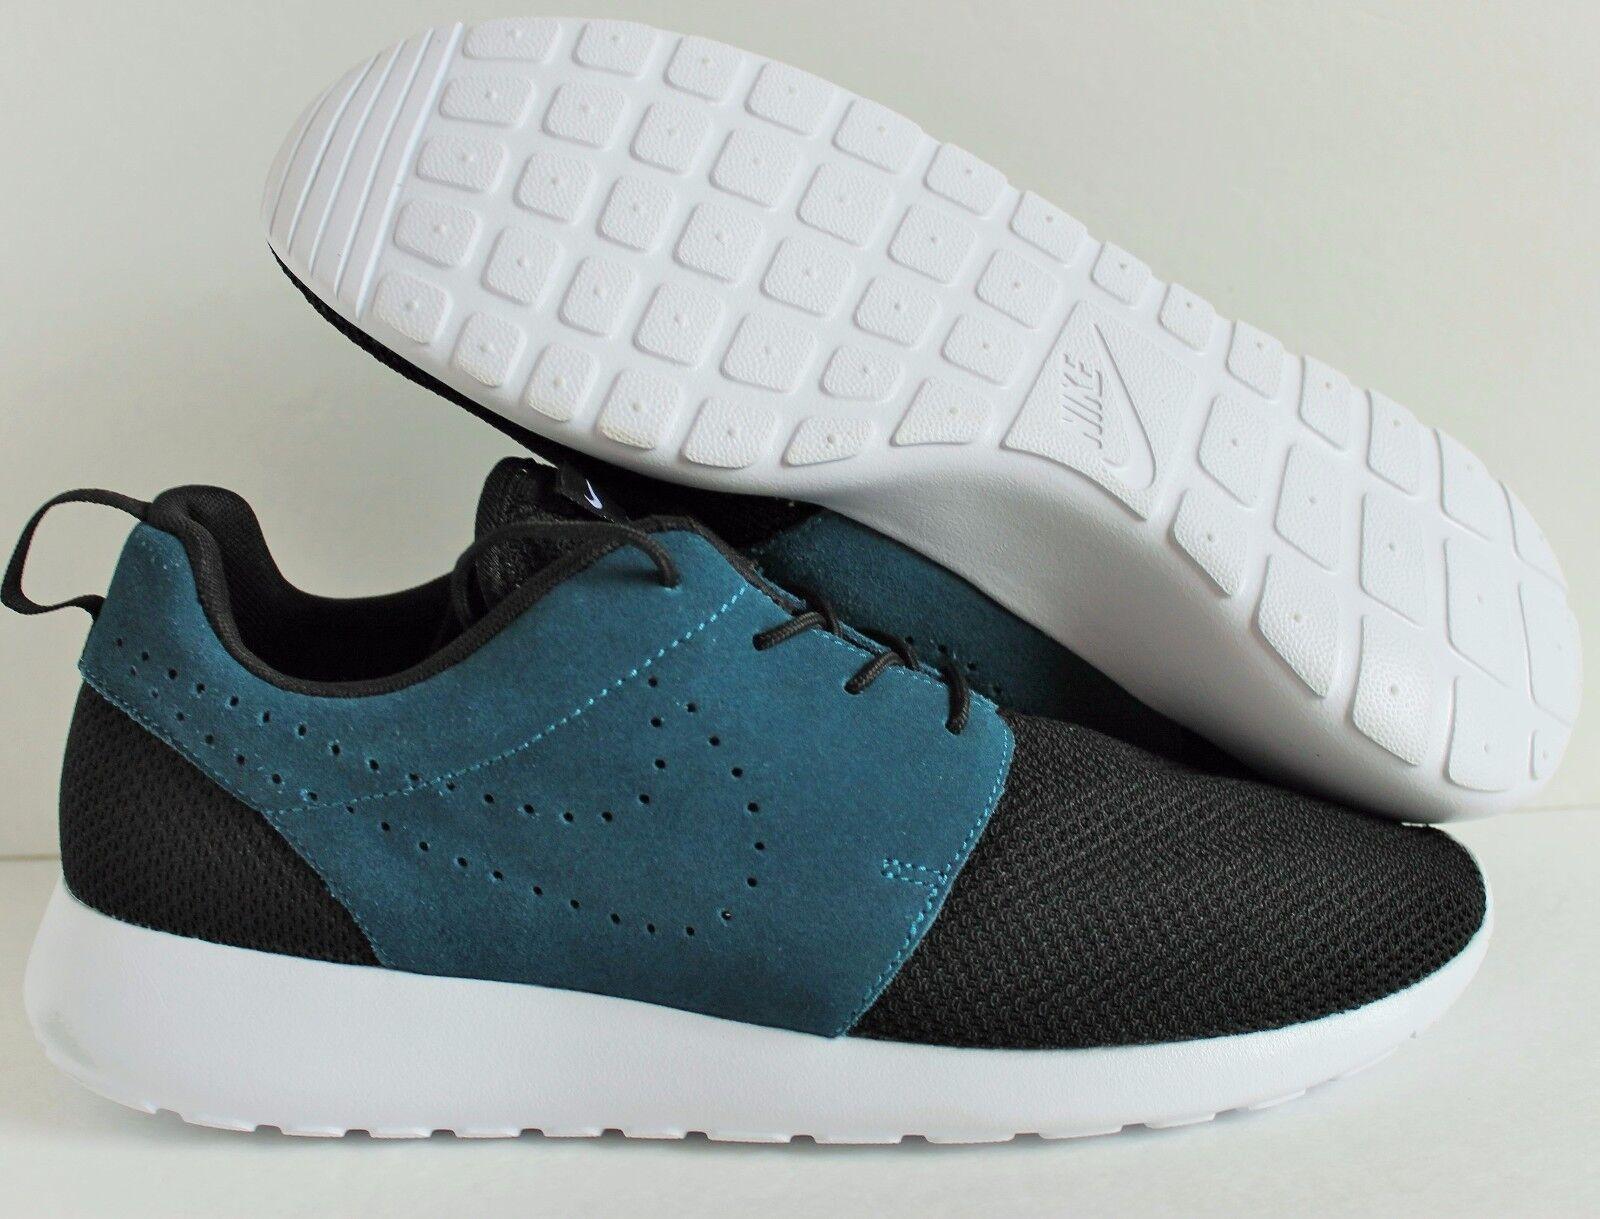 Nike Rosherun Premium Negro-Azul ID Negro-Azul Premium Gamuza [649439-991] d420e0